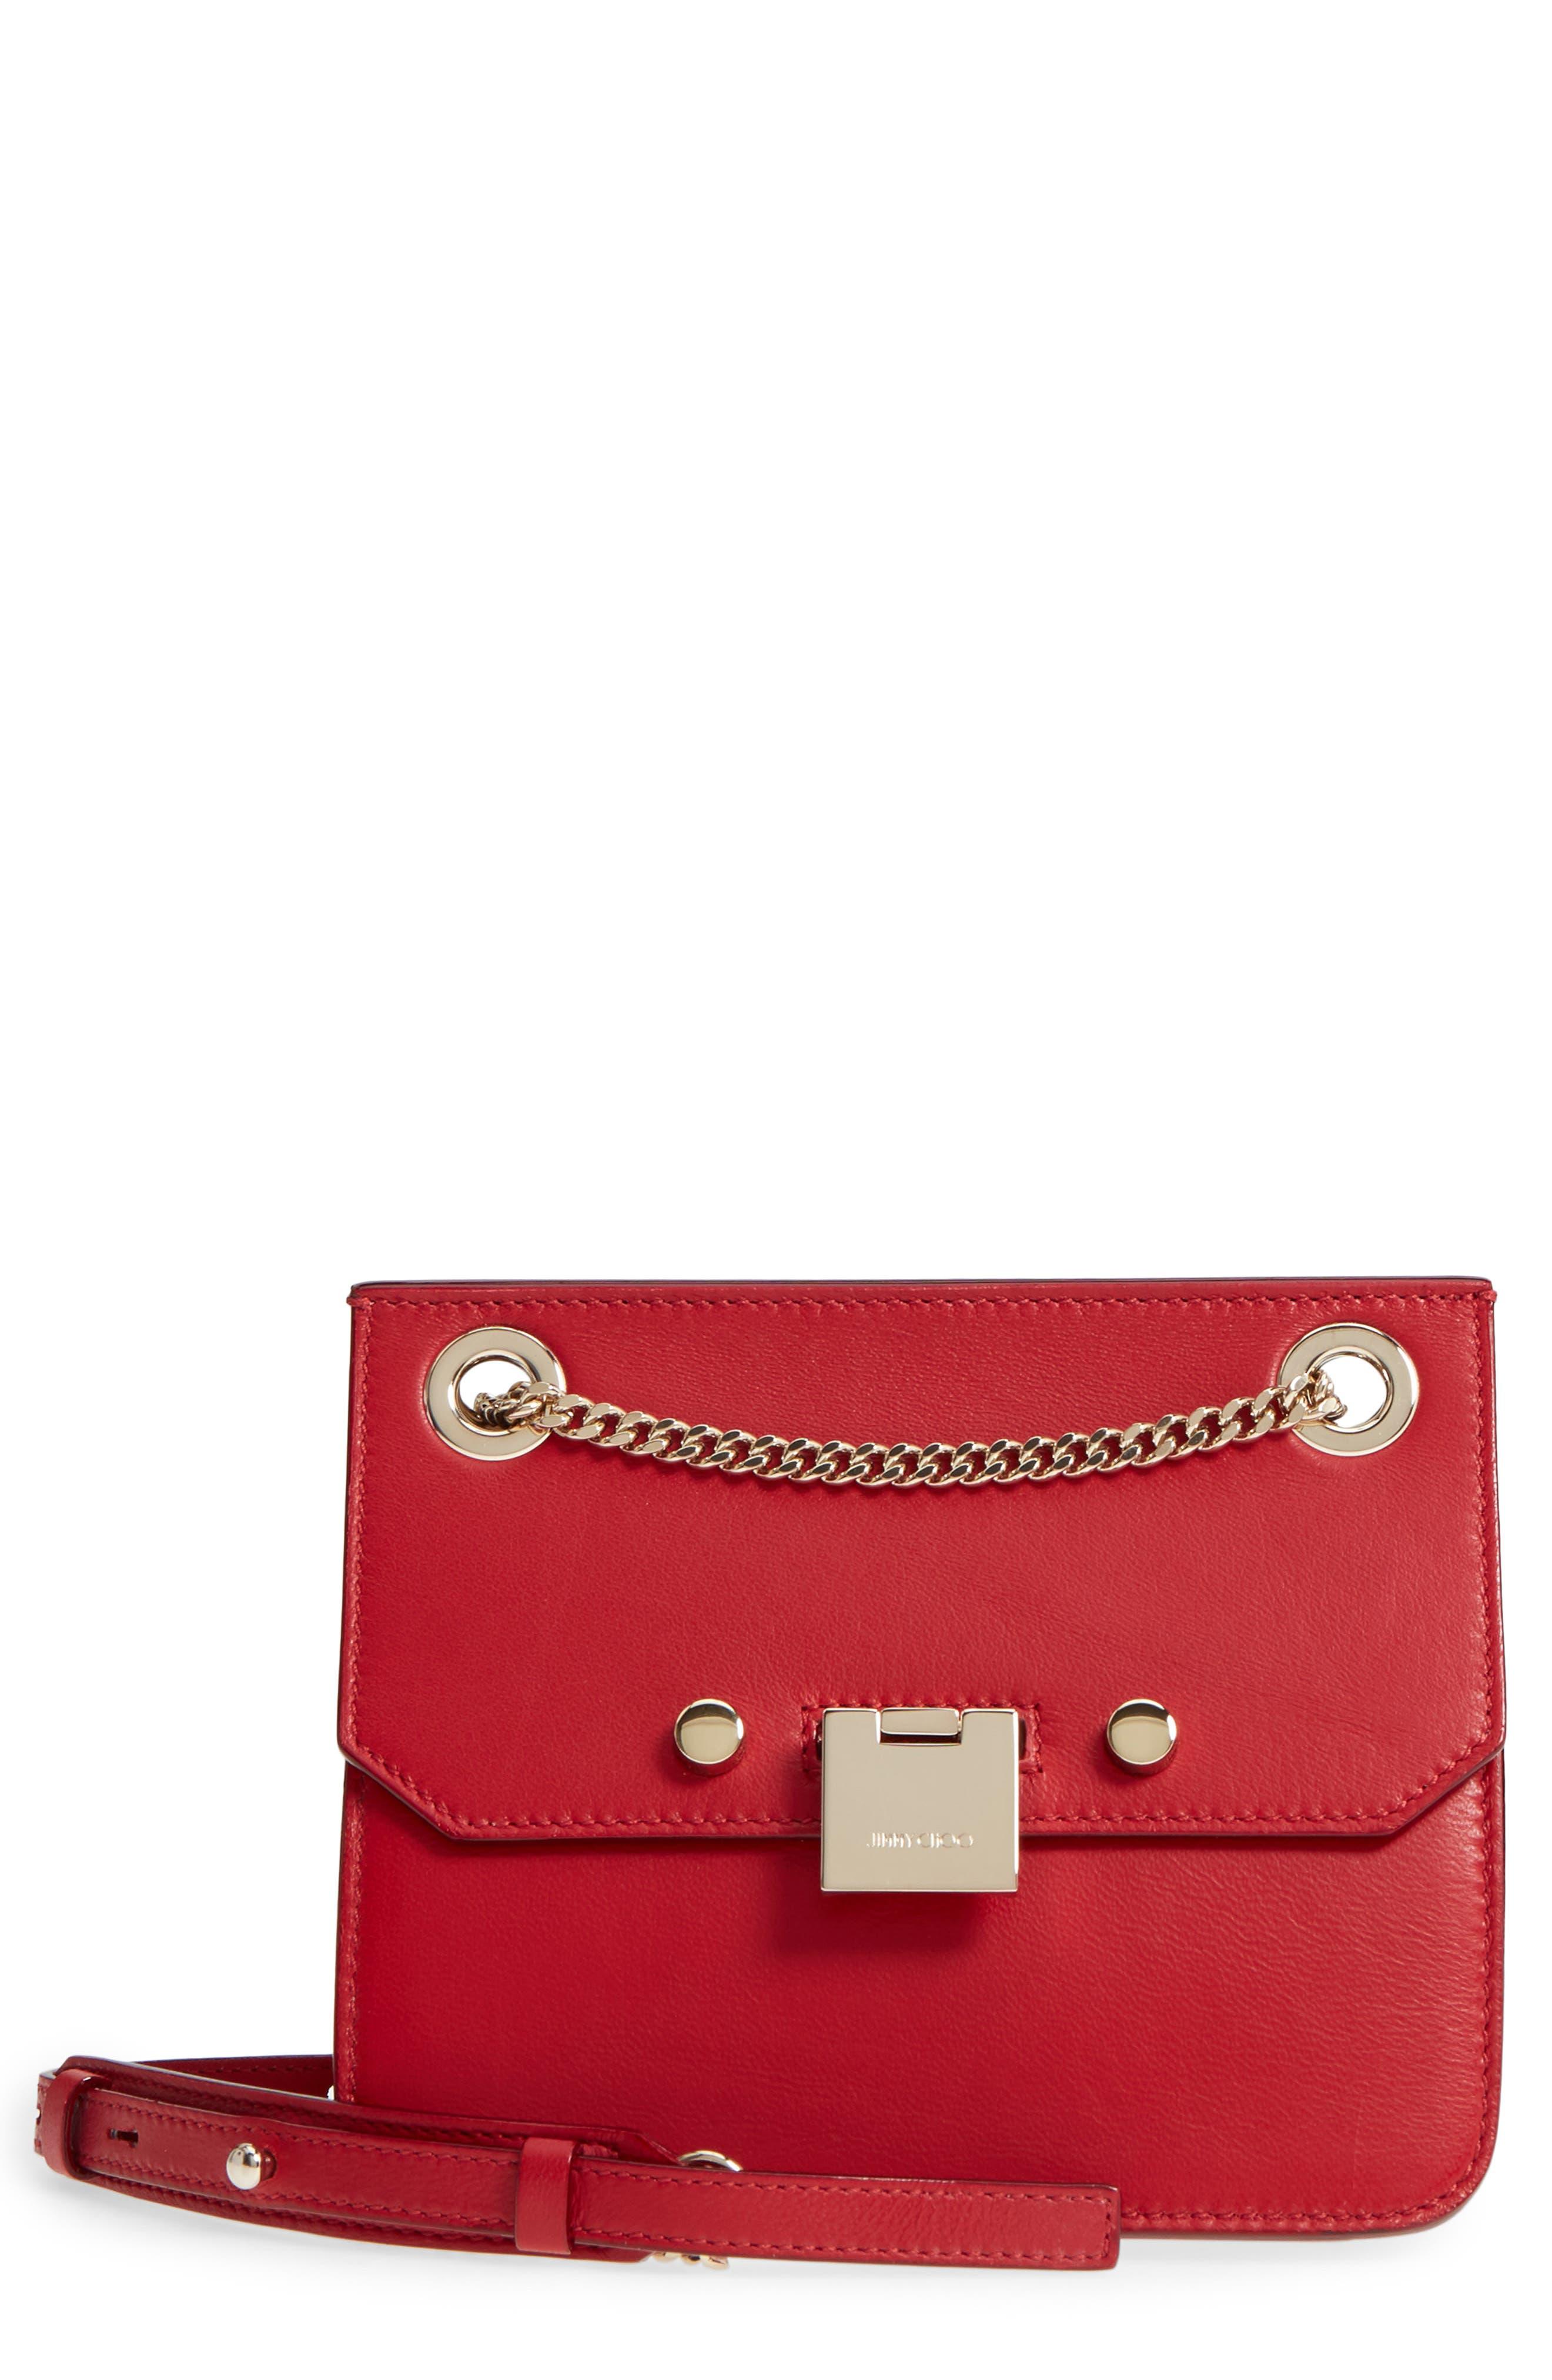 Rebel Mini Colorblock Leather Crossbody Bag,                             Main thumbnail 1, color,                             Red/ Rosewater